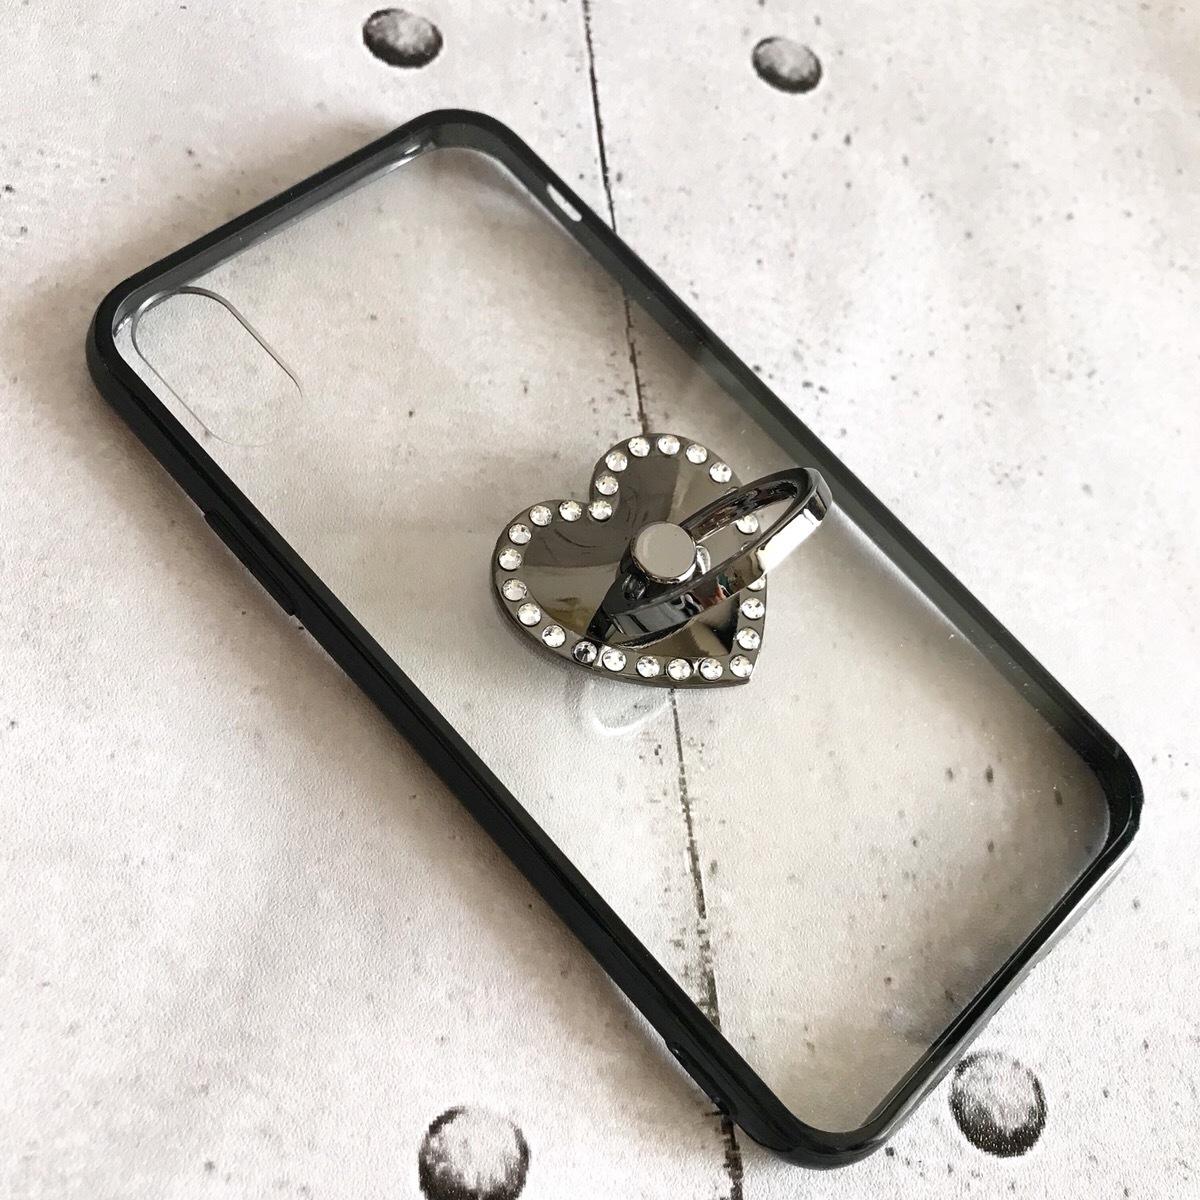 【即納★送料無料】縁ブラッククリアケースにブラックのキラキラハートのバンカーリング付iPhoneケース